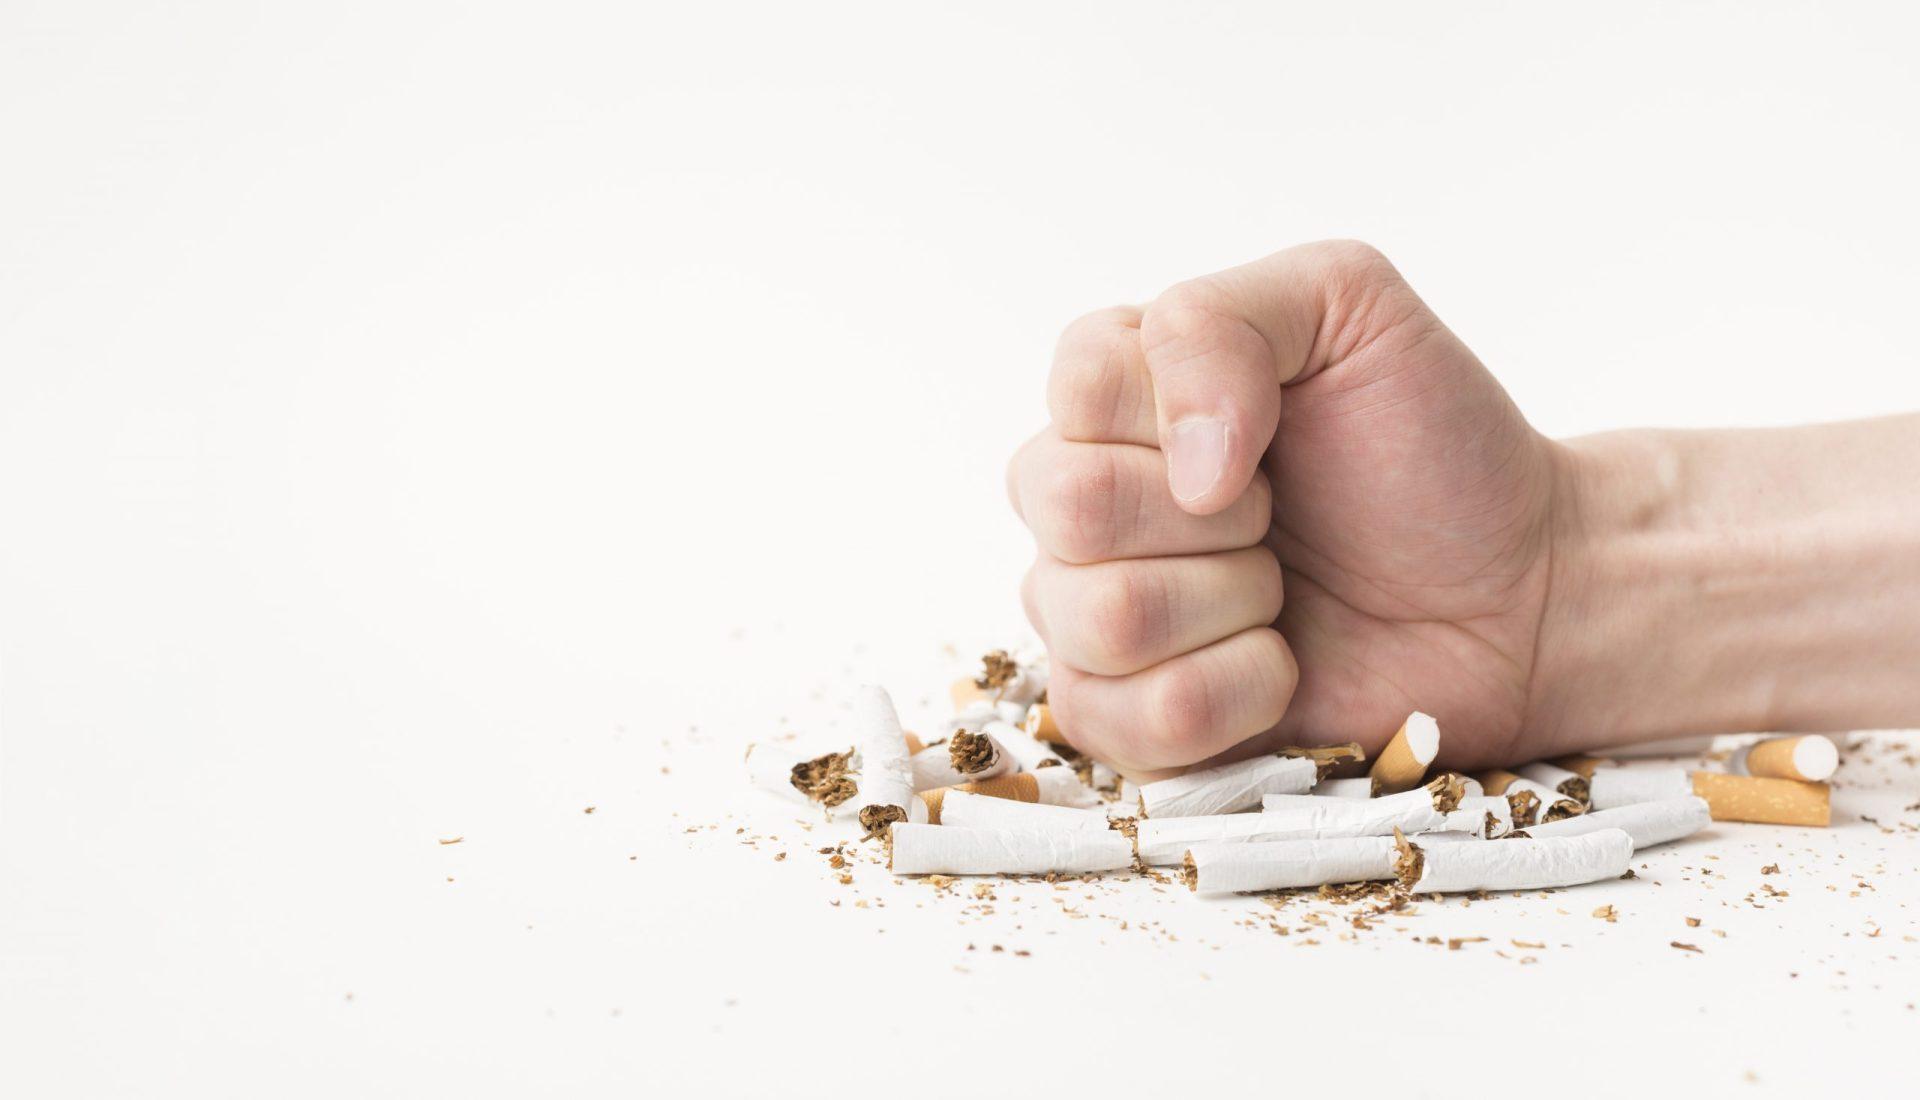 Impactul nicotinei asupra performanțelor sexuale. STUDIU - Gândul